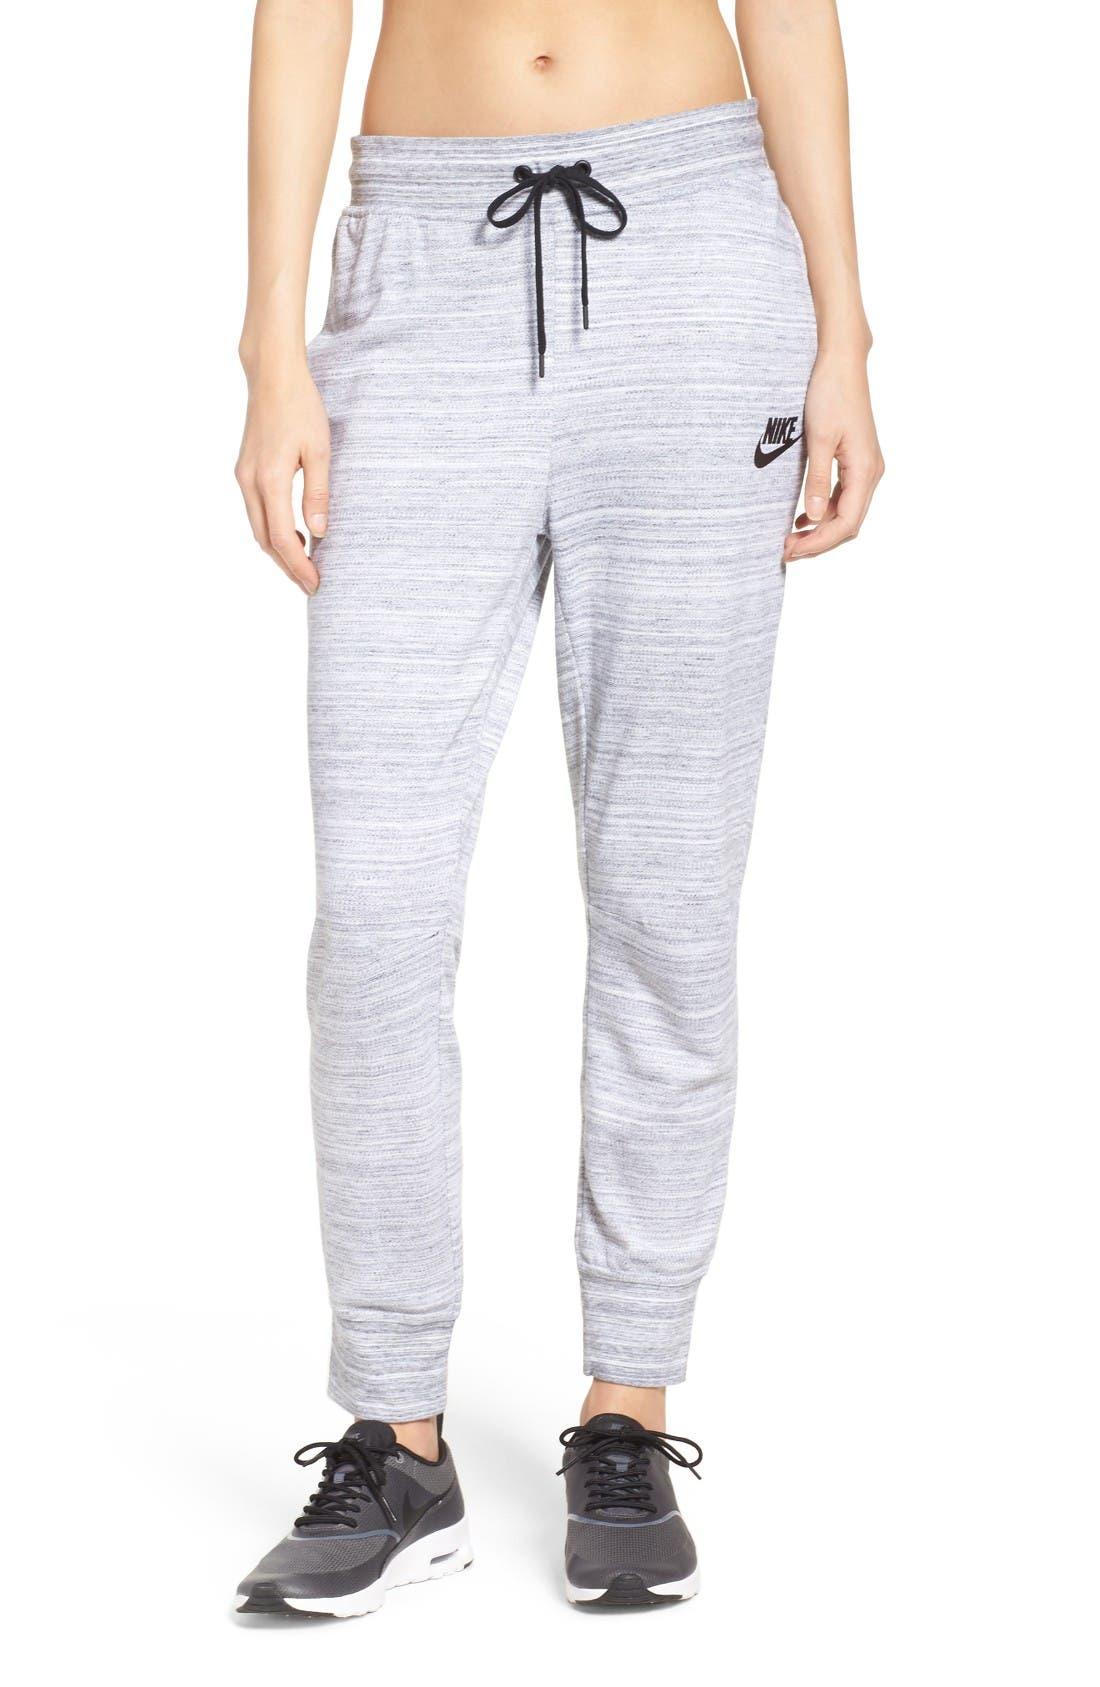 AV15 Jogger Pants,                         Main,                         color, White/ Black